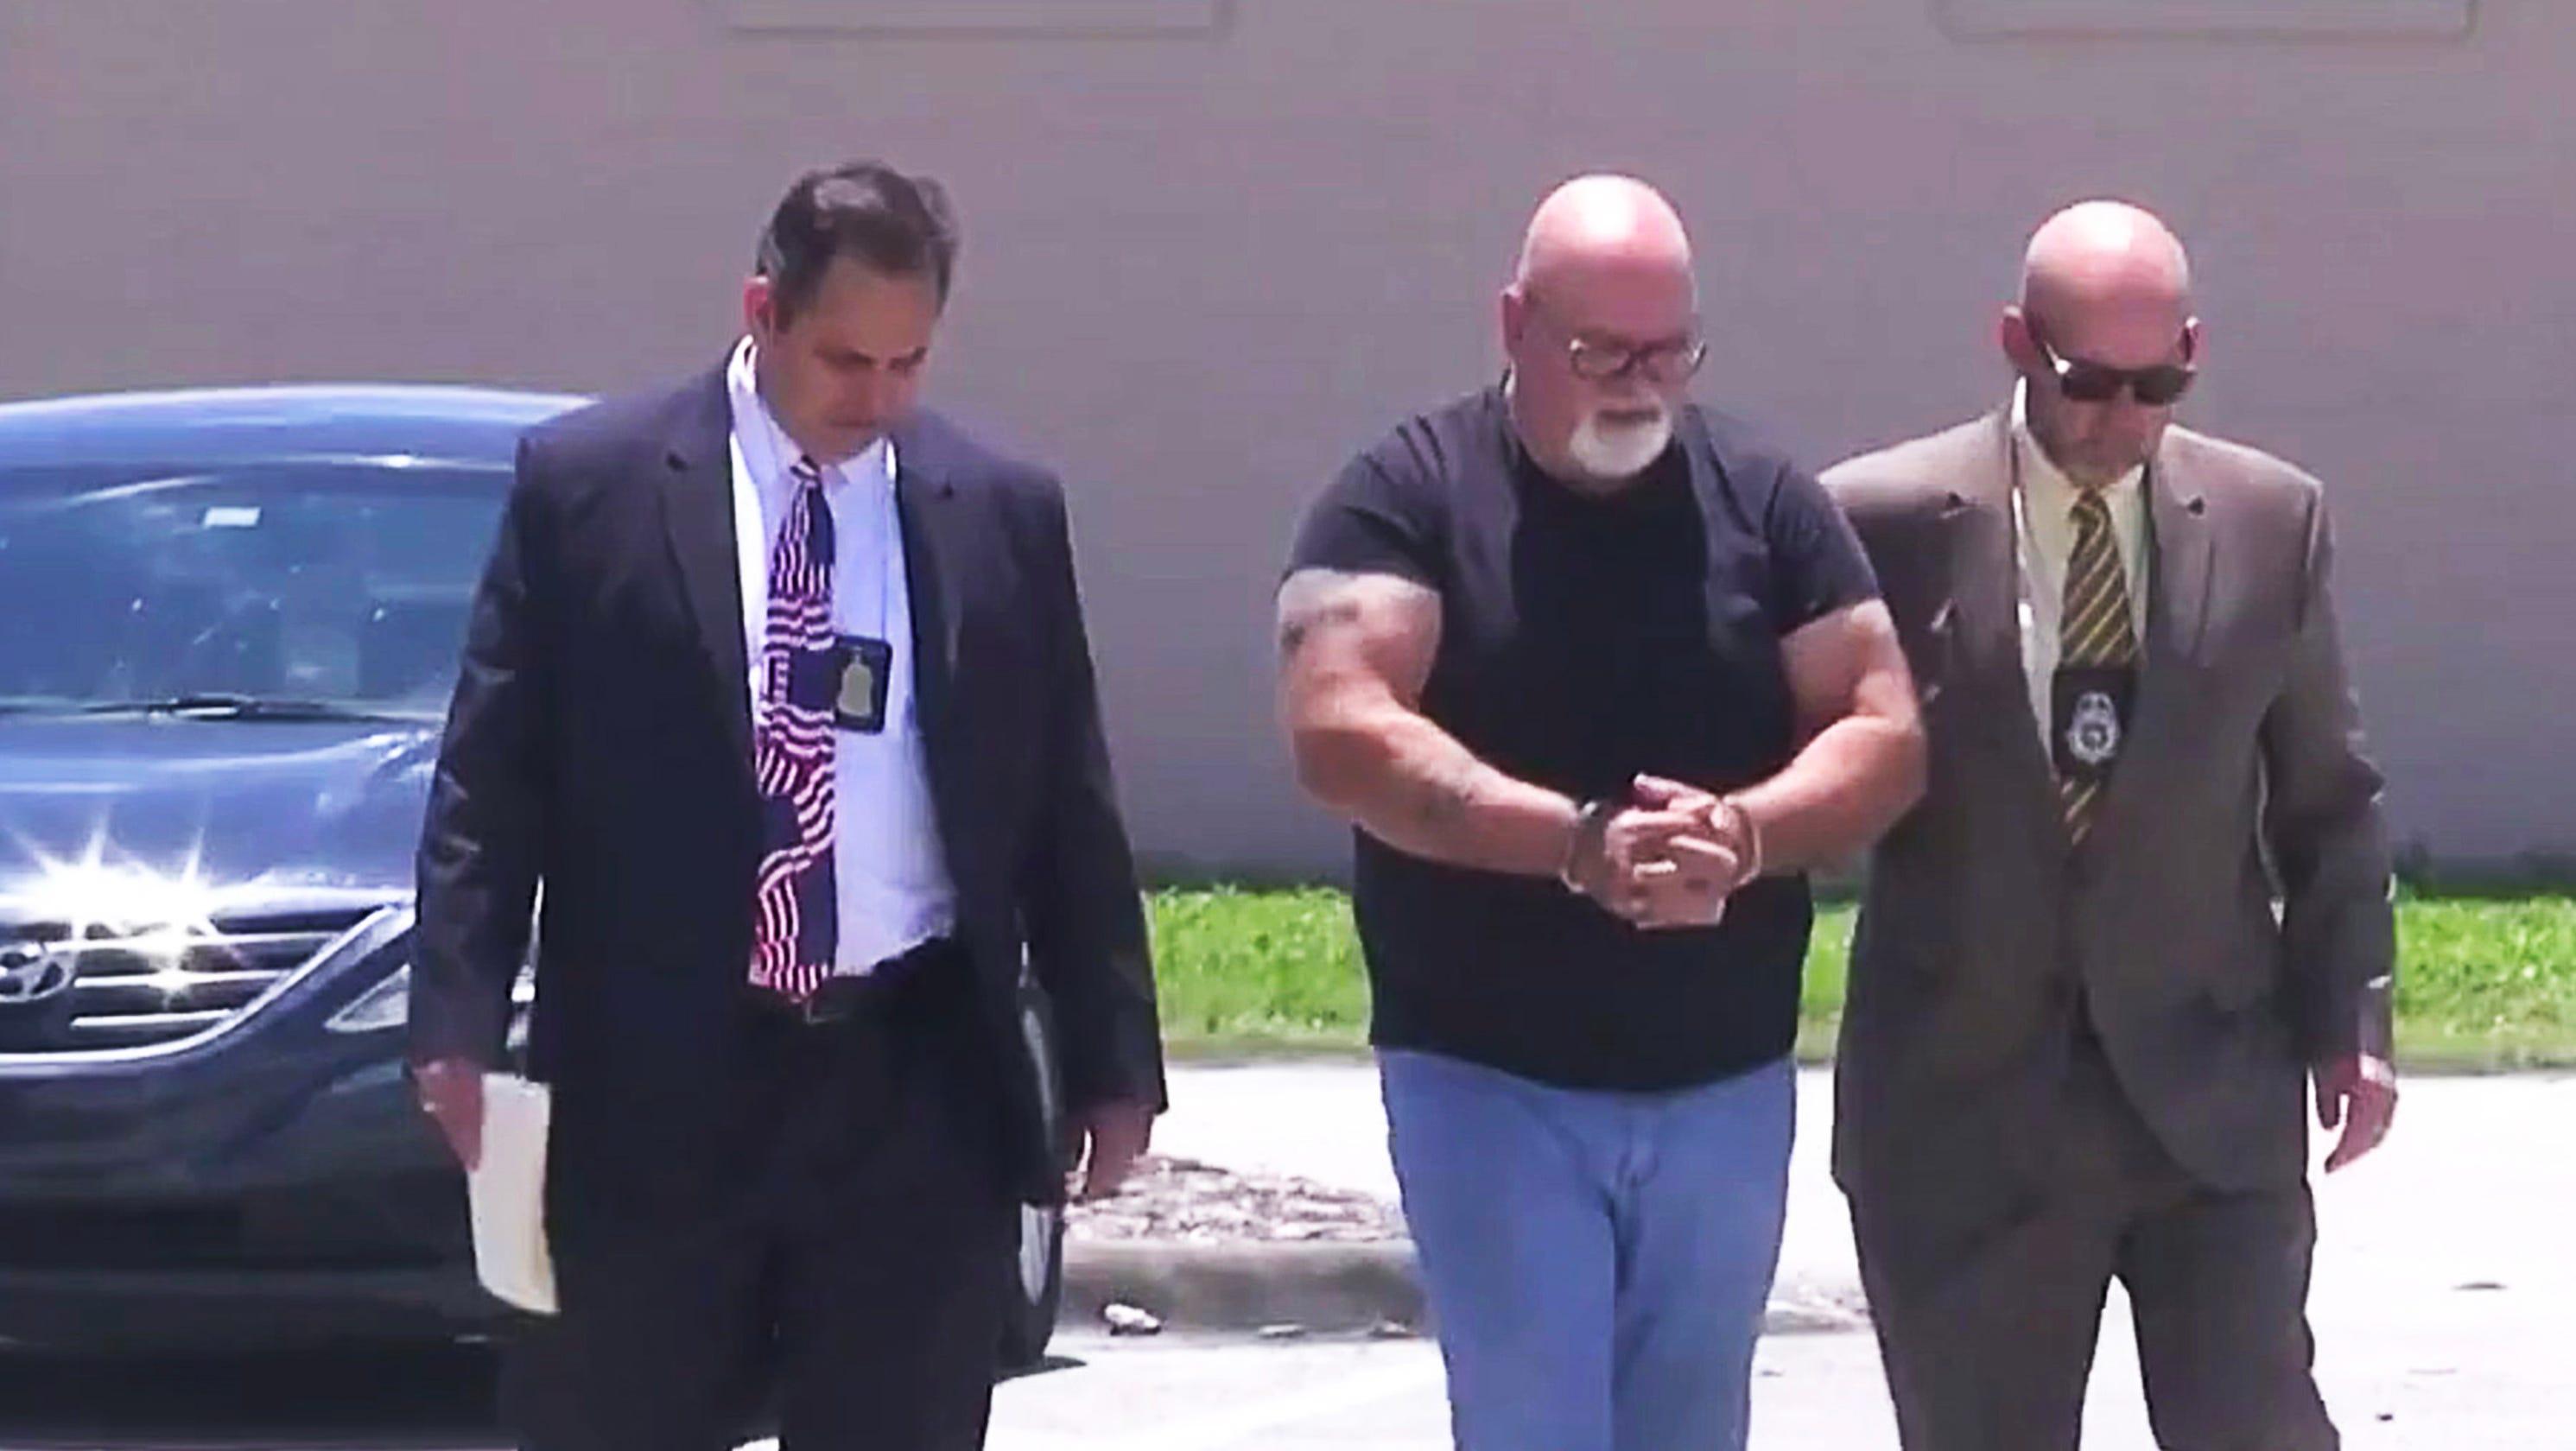 Dave Isnardi former Palm Bay deputy manager arrested